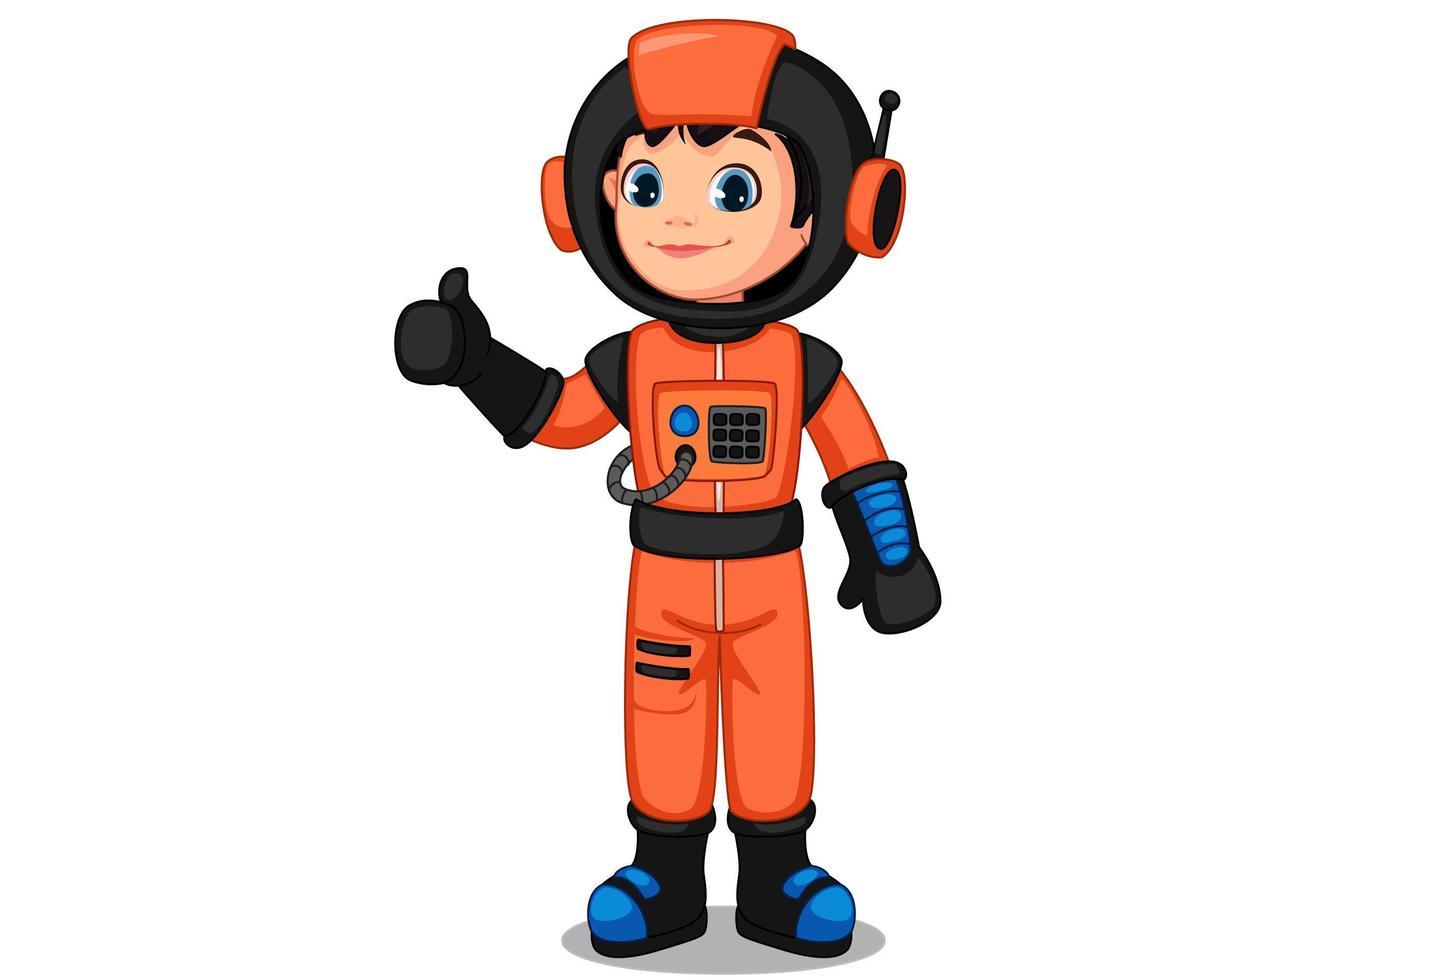 niedliches kleines Astronautenkind, das Daumen zeigt vektor